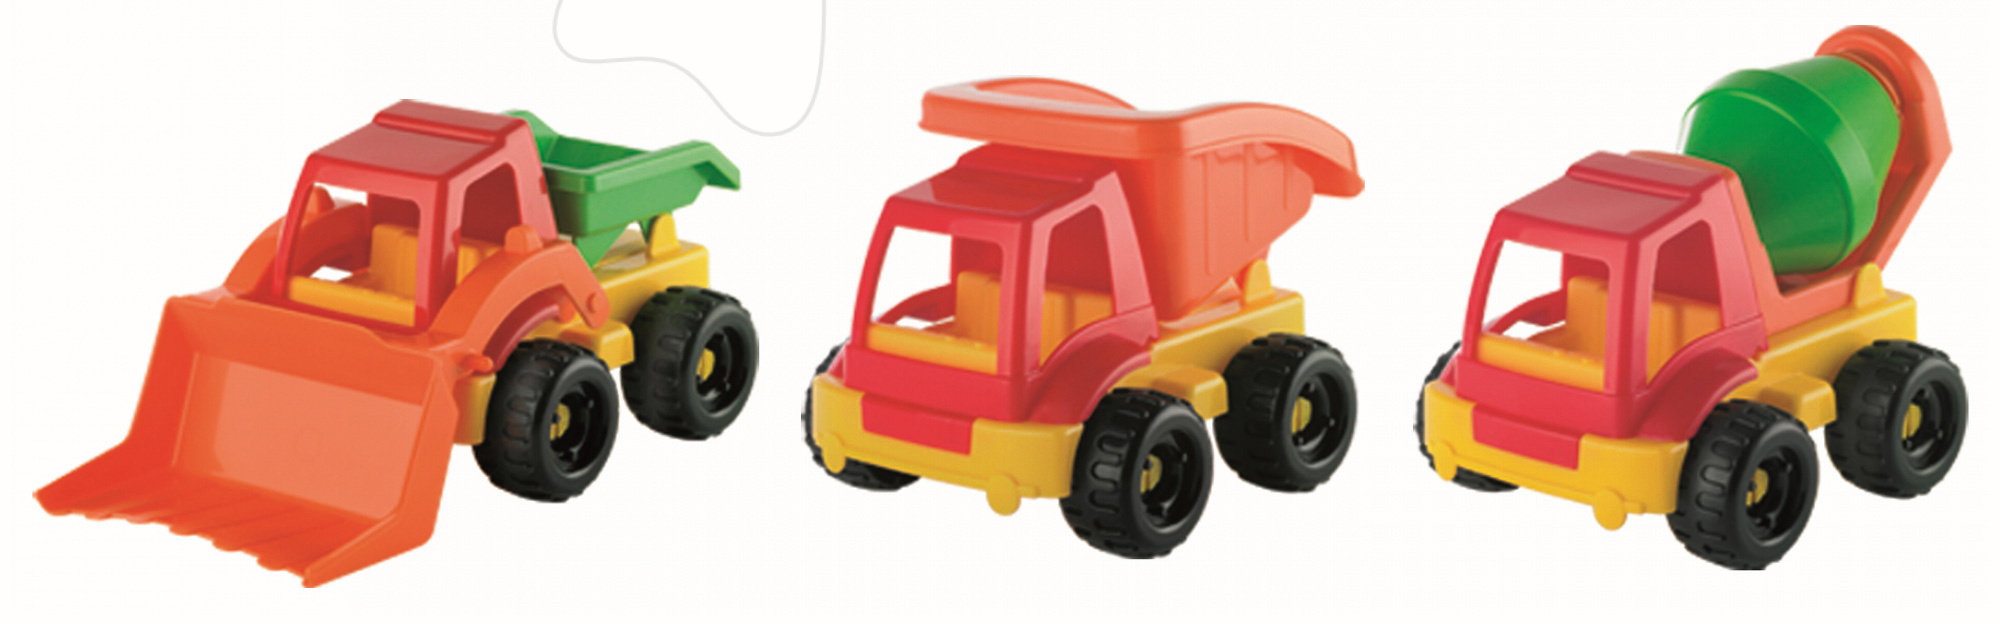 Stavební stroje - Autíčko Écoiffier pracovní - buldozer, sklápěč, míchačka délka 20 cm od 18 měsíců